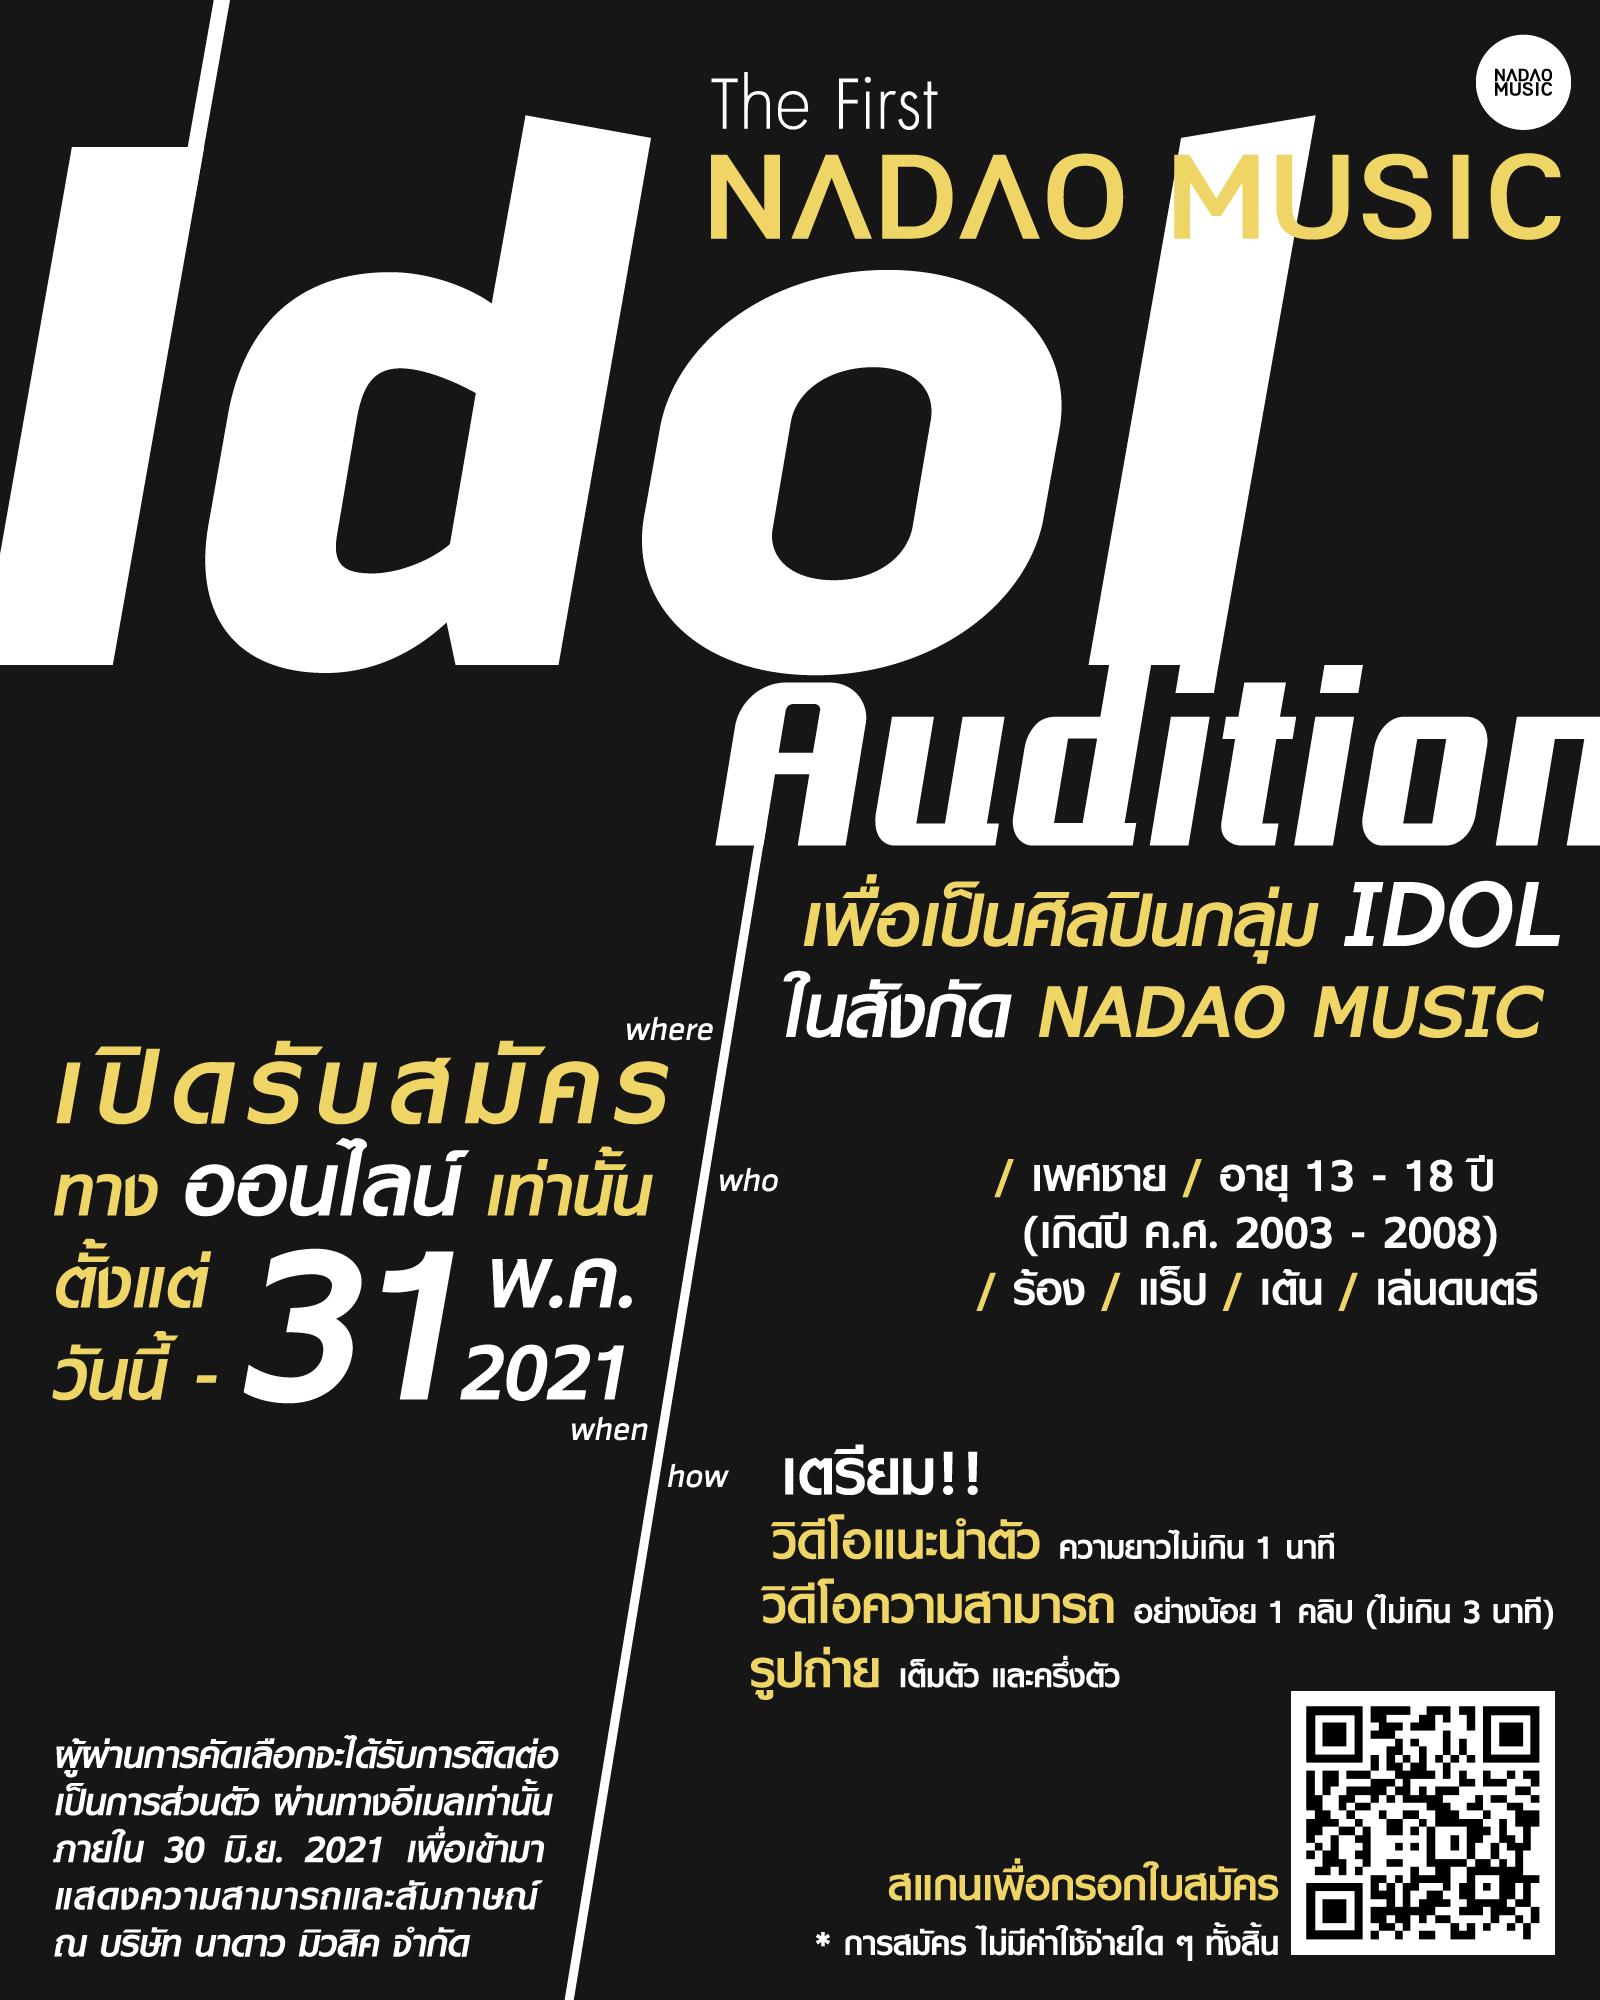 """Nadao Bangkok on Twitter: """"The First Nadao Music Idol Audition  เปิดรับสมัครออดิชั่น ศิลปิน IDOL ชาย เพื่อเป็นศิลปินในสังกัด Nadao Music  อ่านรายละเอียดการสมัคร ได้ที่ https://t.co/sUwtptuffX ได้ตั้งแต่ วันนี้ -  31 พ.ค 2021 โดยการสมัครไม่เสียค่าใช้ใด ๆ ..."""